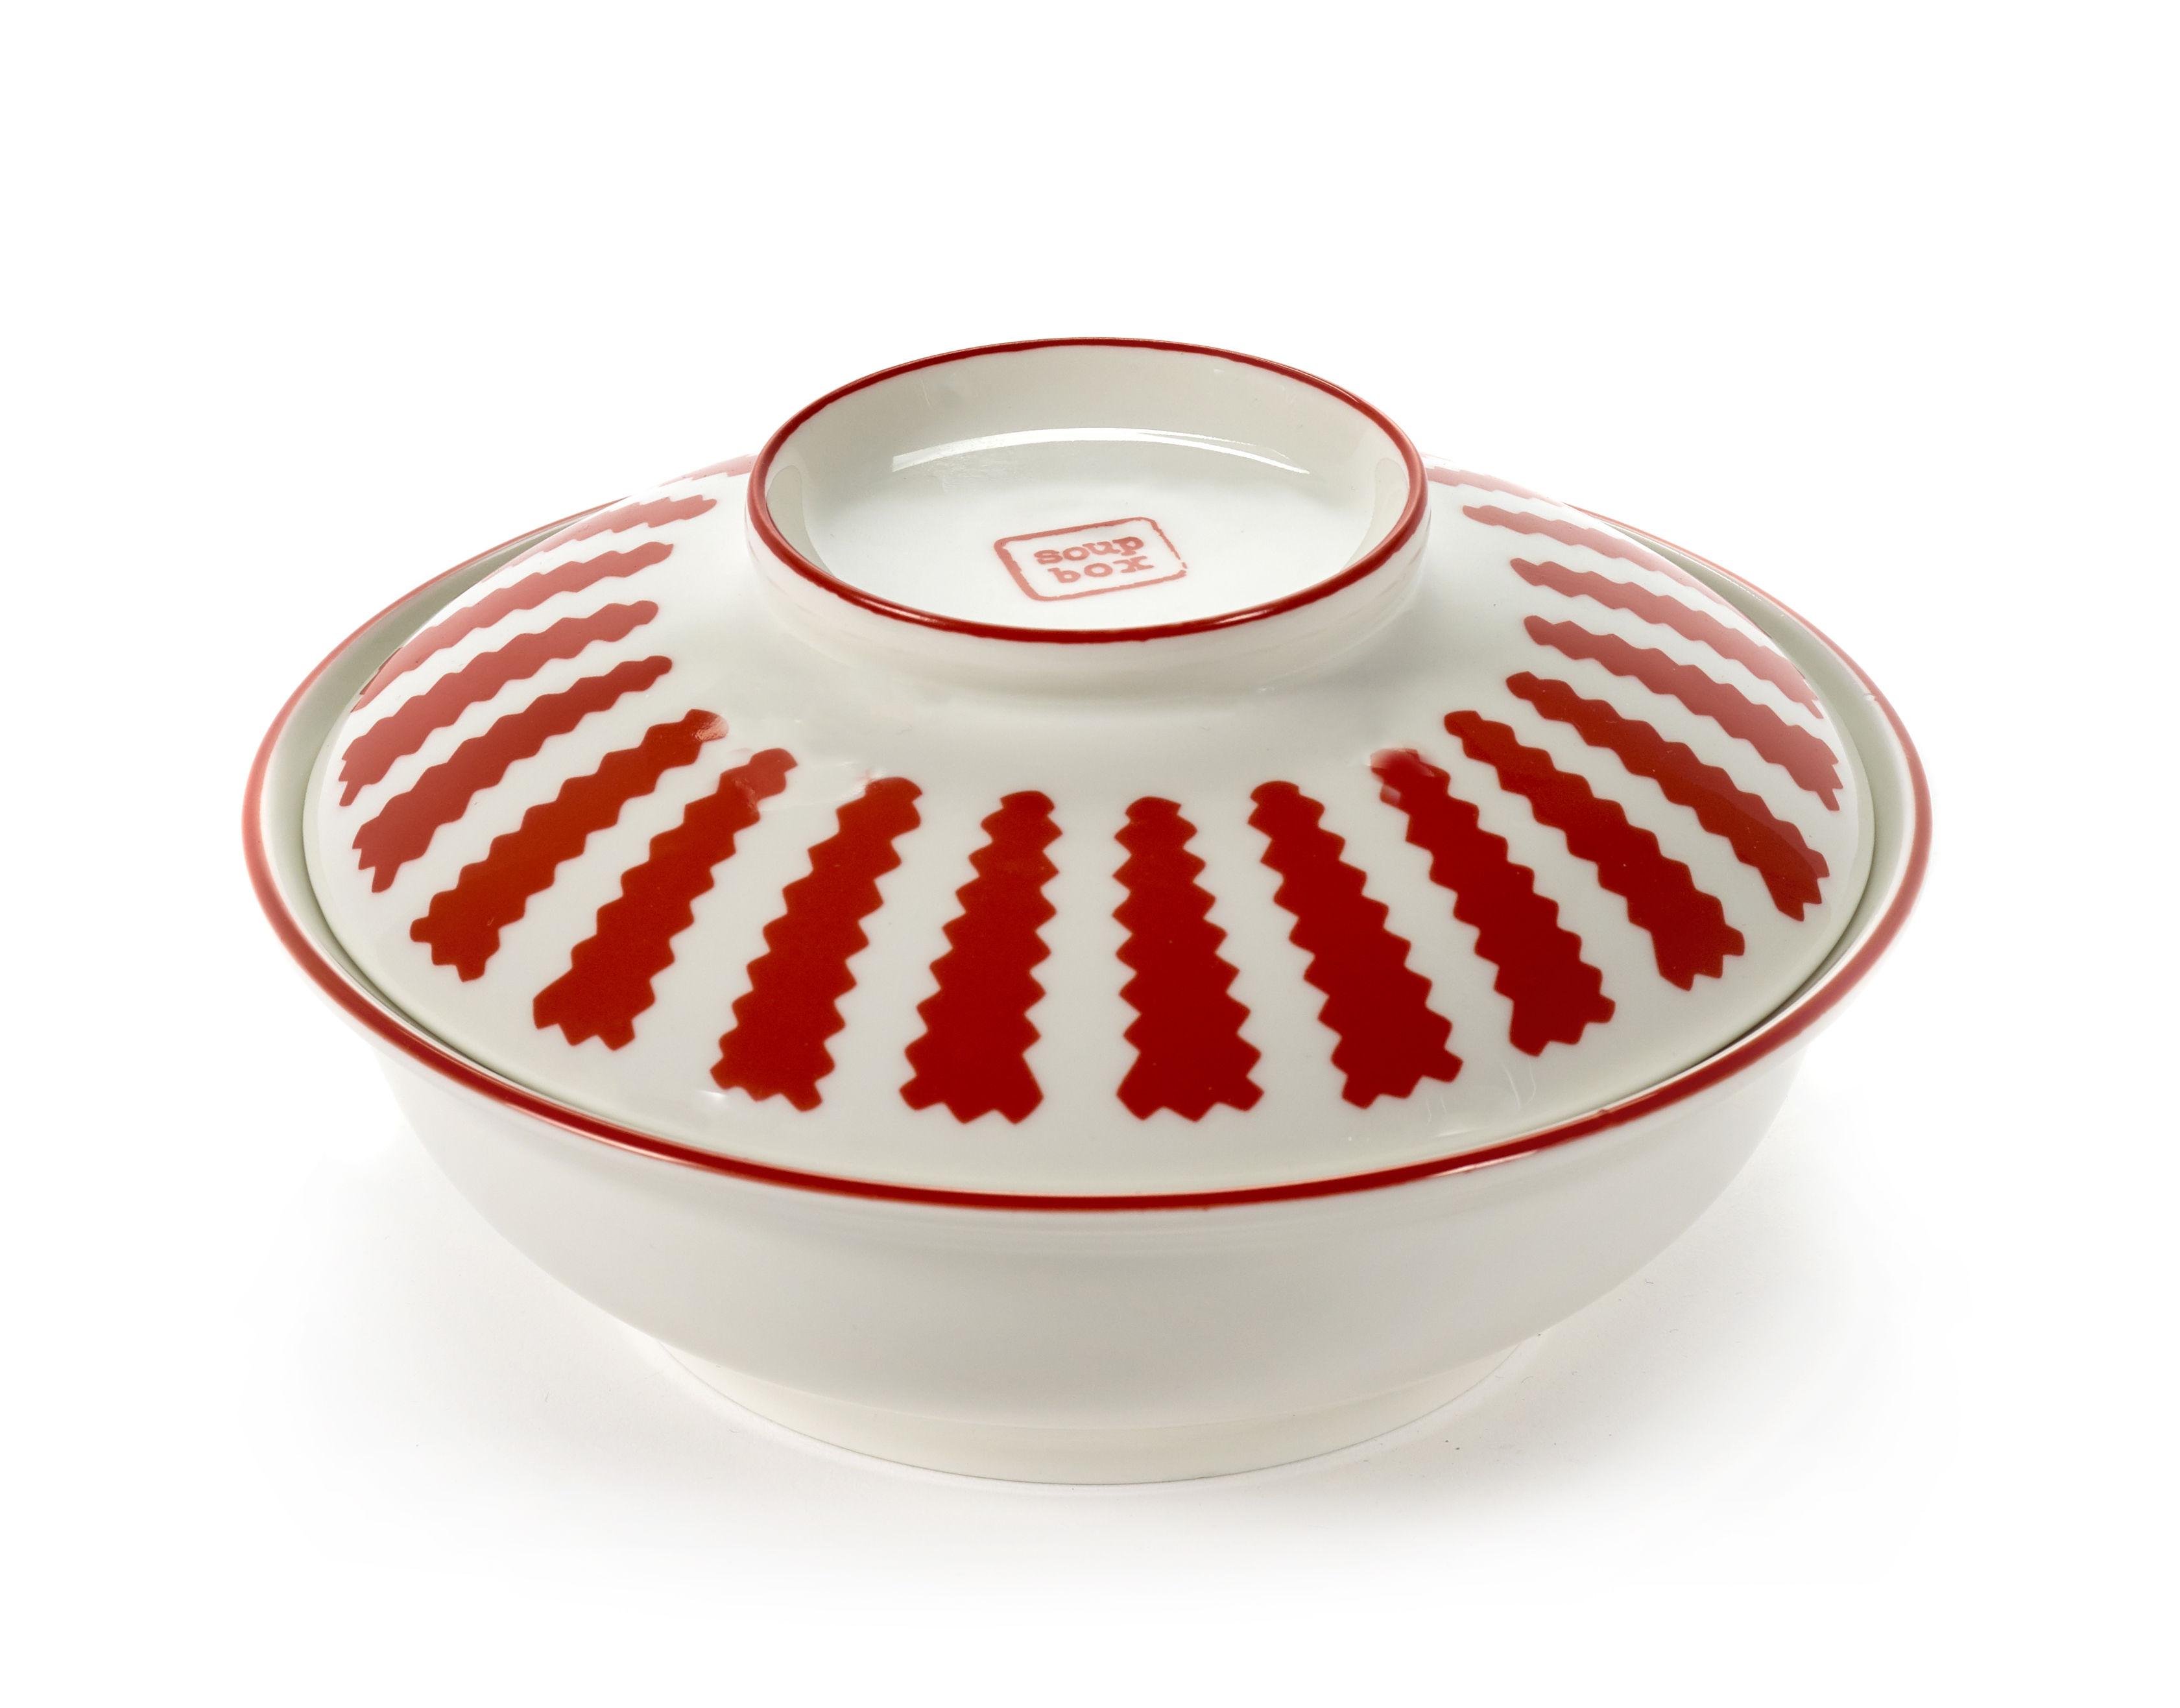 Arts de la table - Saladiers, coupes et bols - Bol à soupe / Avec couvercle - Serax - Rouge & blanc - Porcelaine